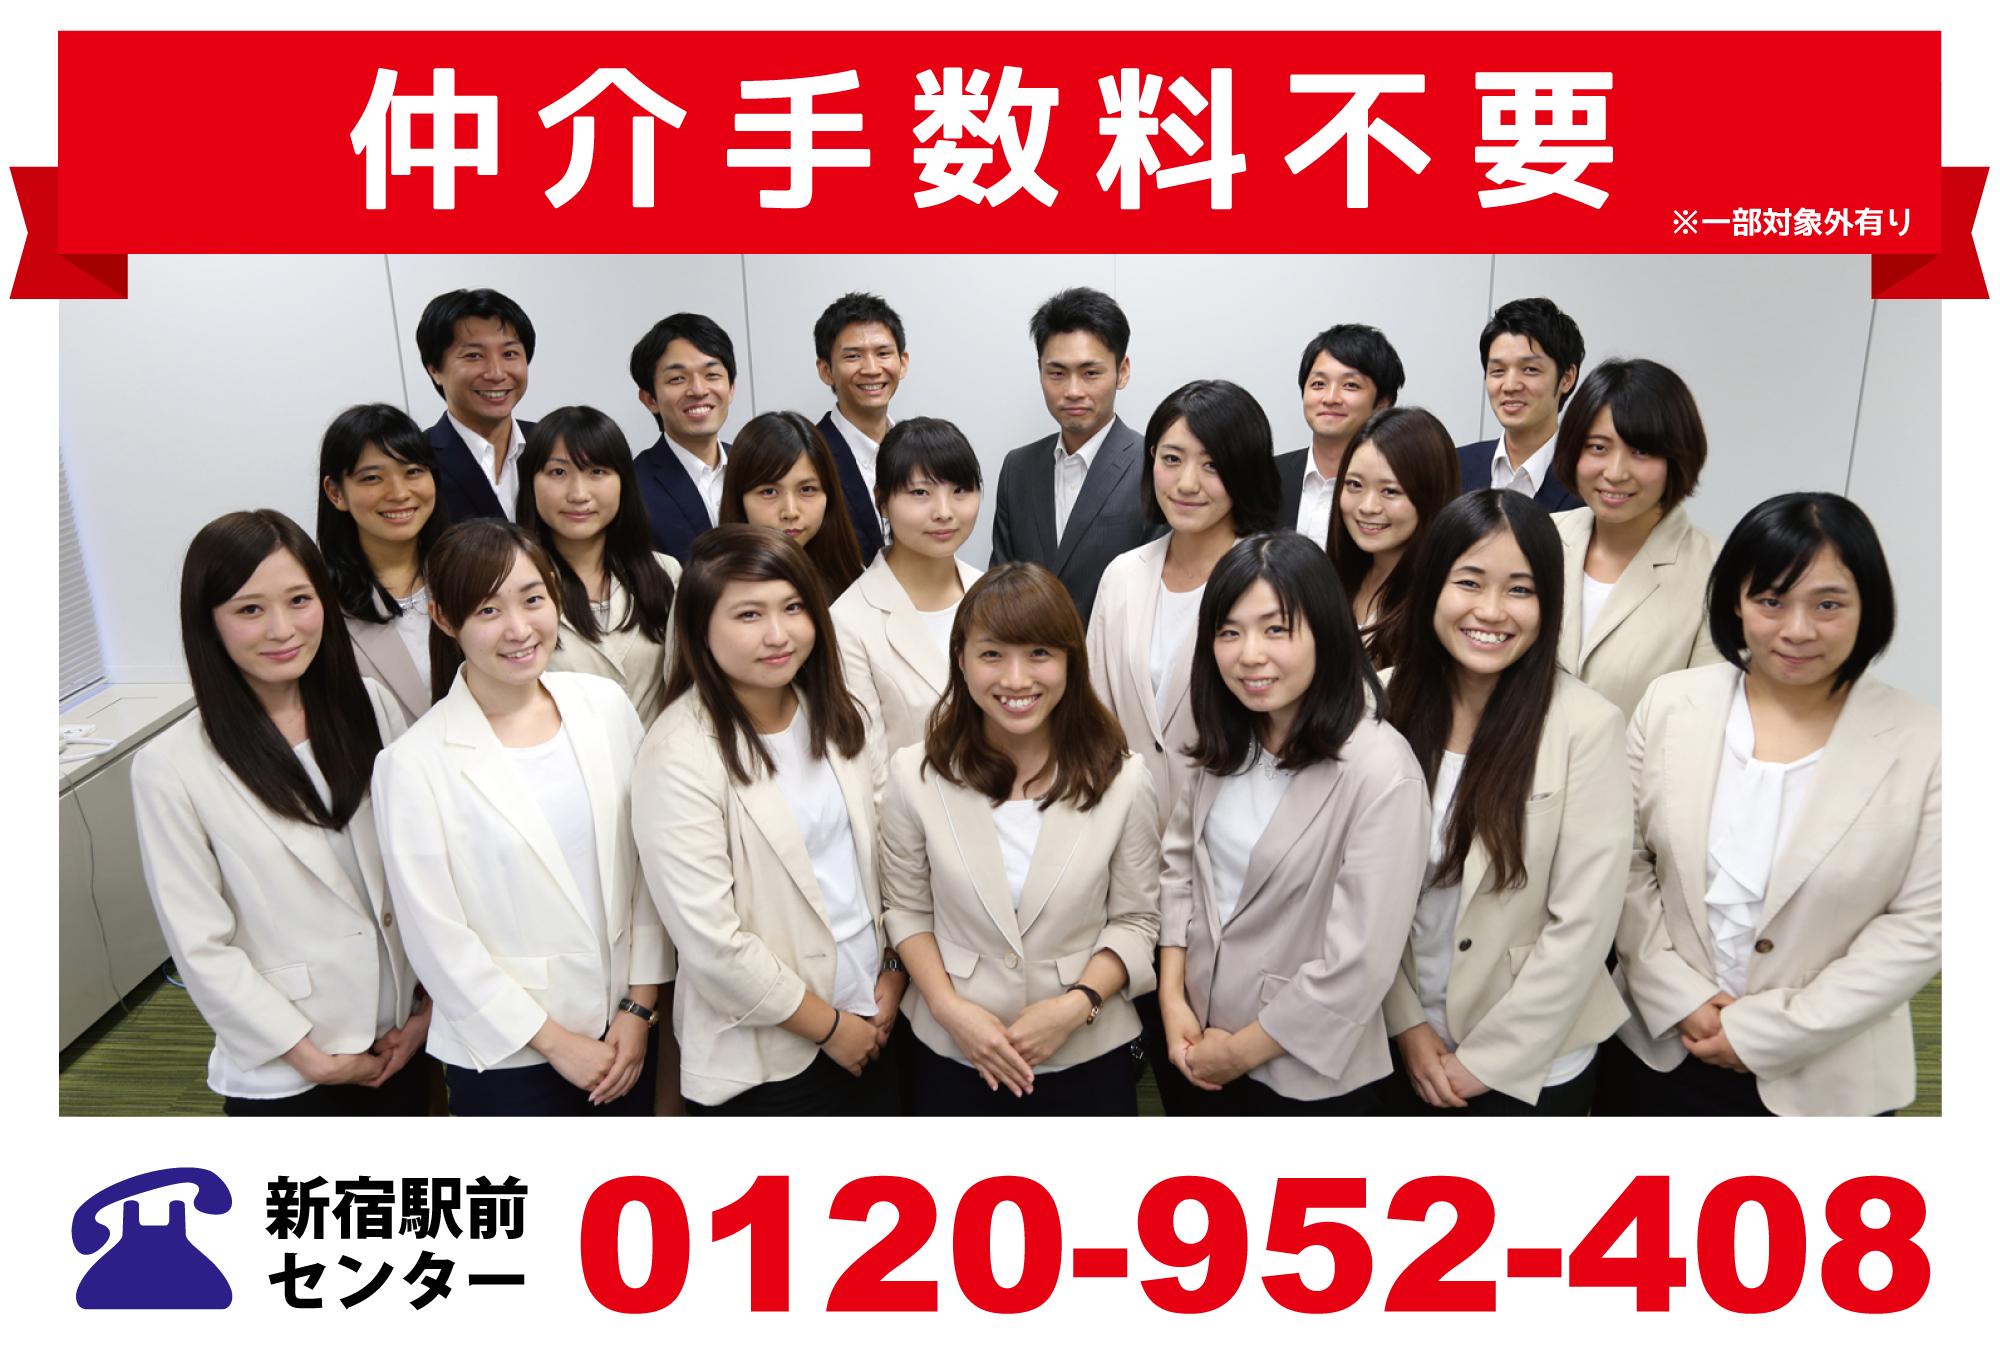 株式会社毎日コムネット - 東京...